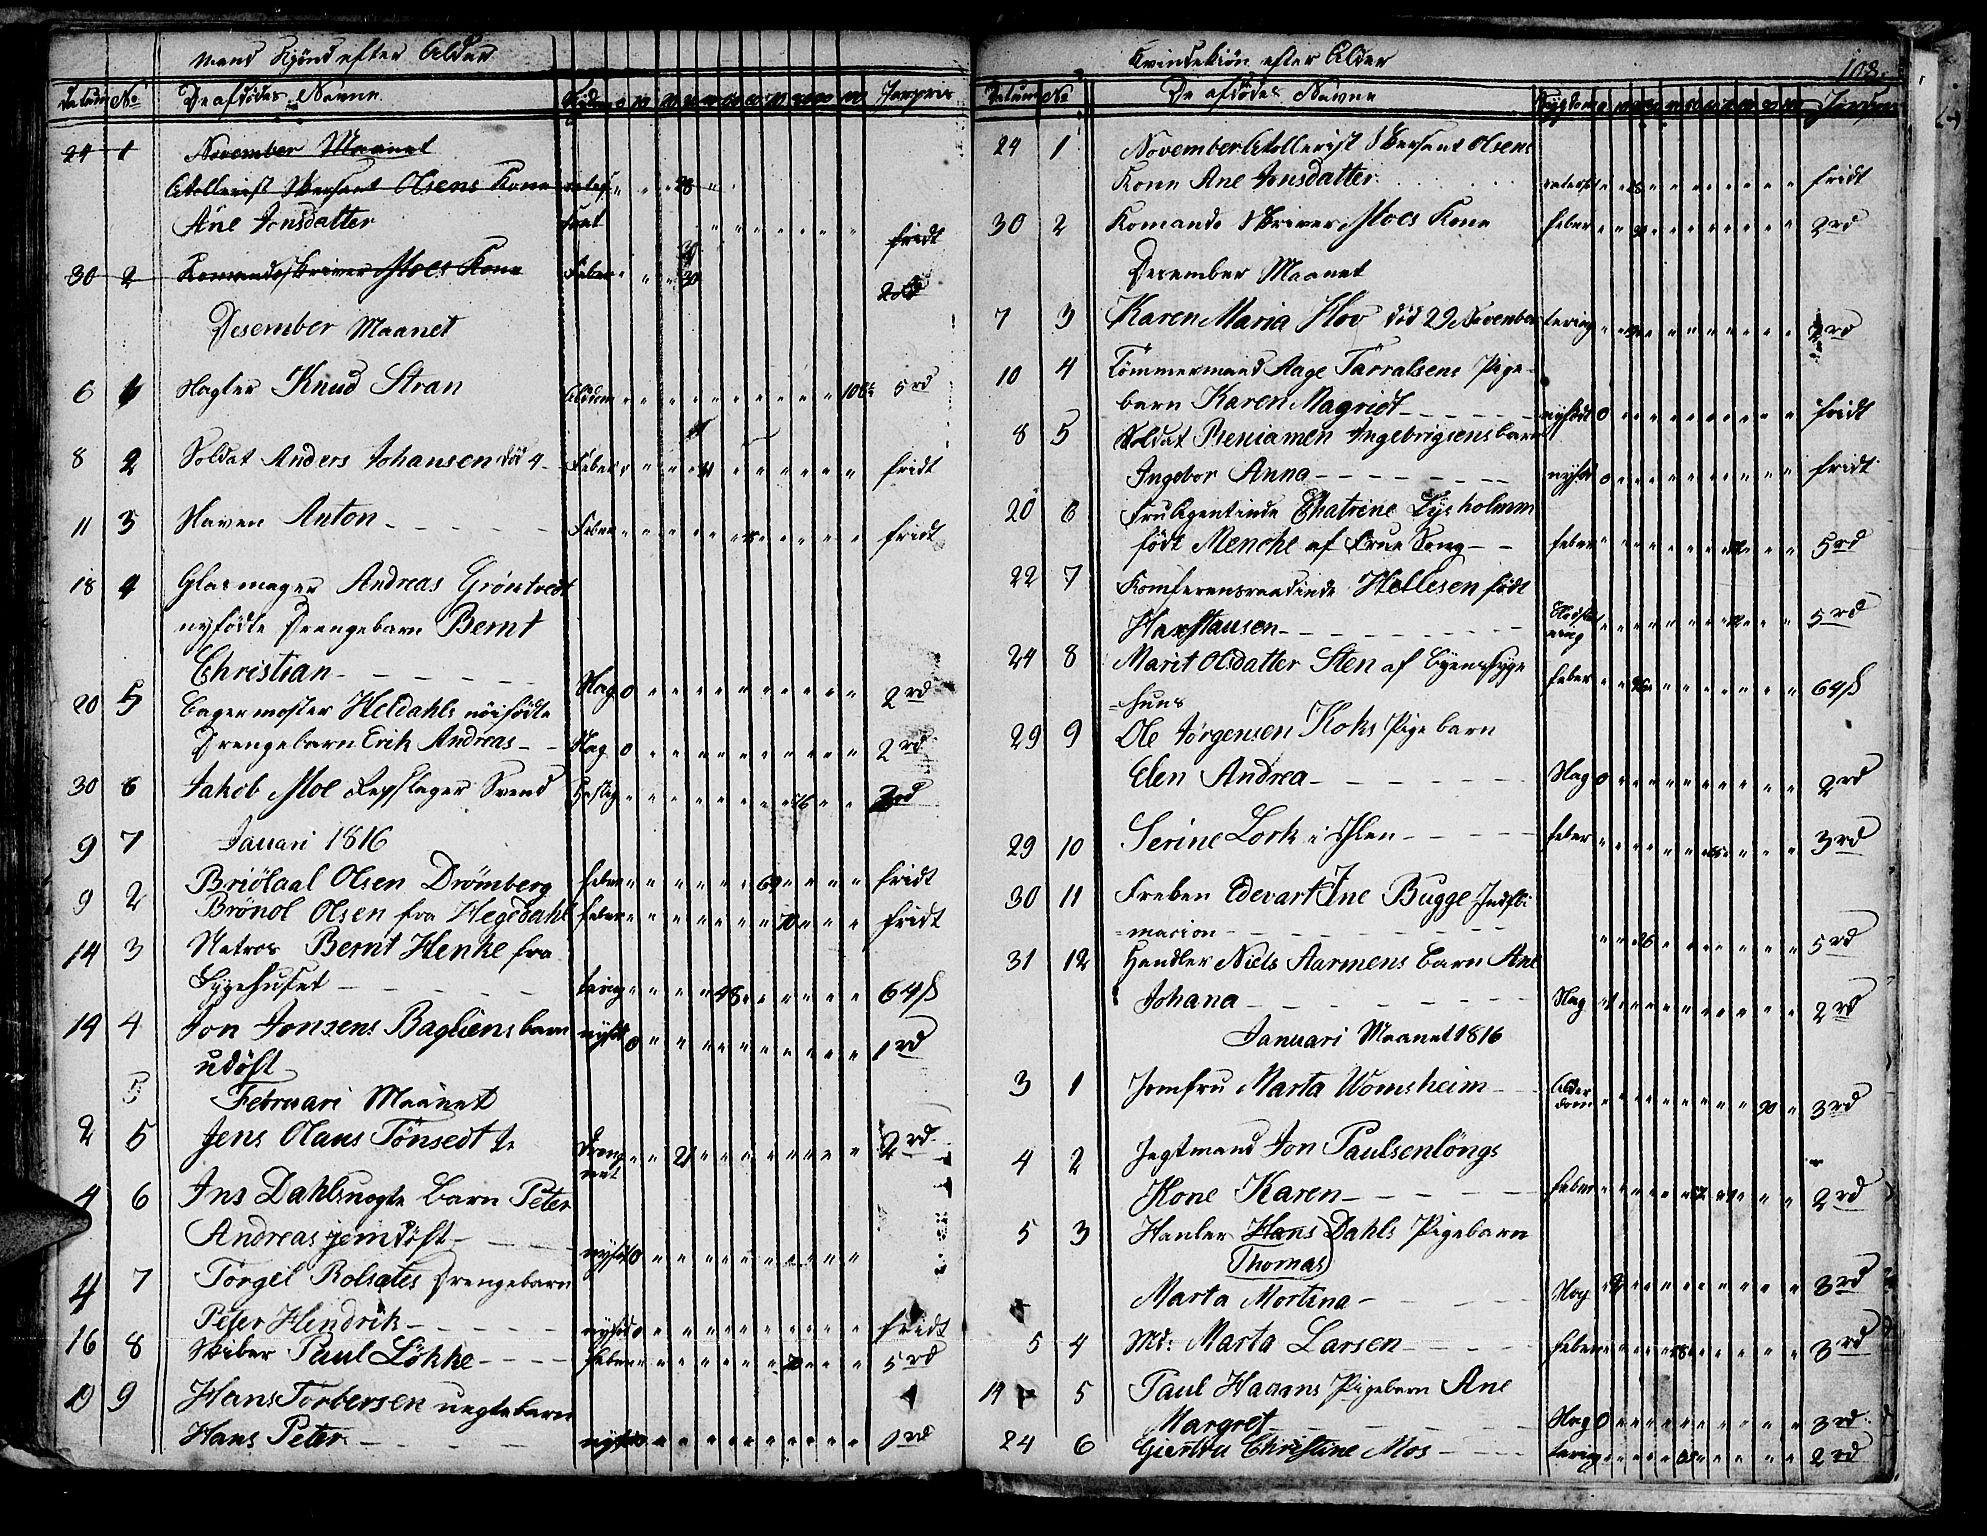 SAT, Ministerialprotokoller, klokkerbøker og fødselsregistre - Sør-Trøndelag, 601/L0040: Ministerialbok nr. 601A08, 1783-1818, s. 108